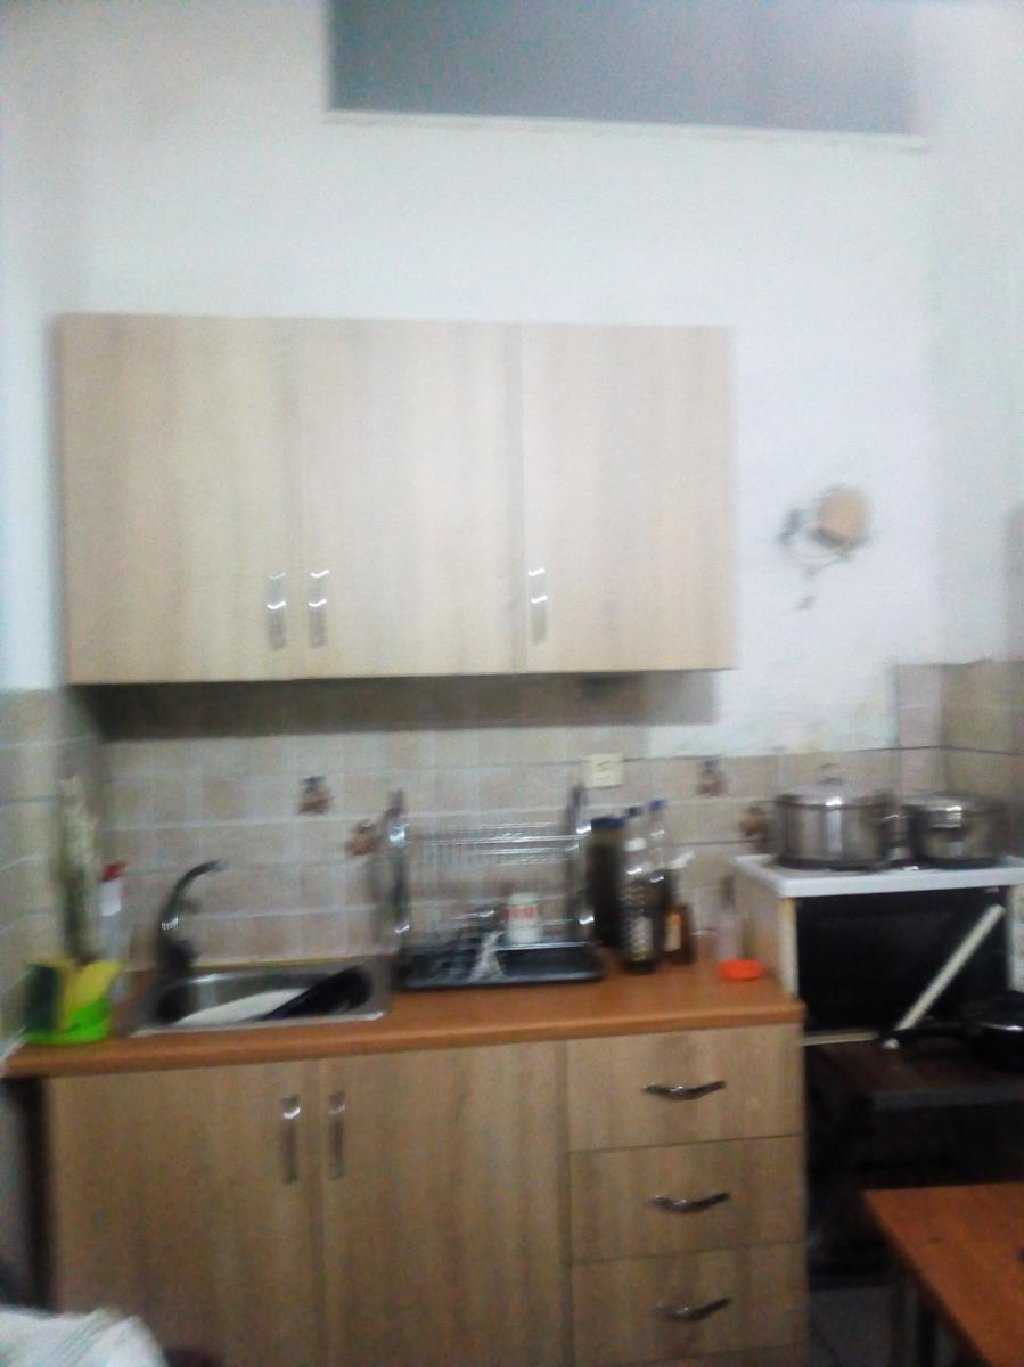 ,Διαμέρισμα ισόγειο στο κέντρο 38τμ έχει πατάρι μπάνιο κουζίνα και ένα υπνοδωμάτιο Χανιά κρητης